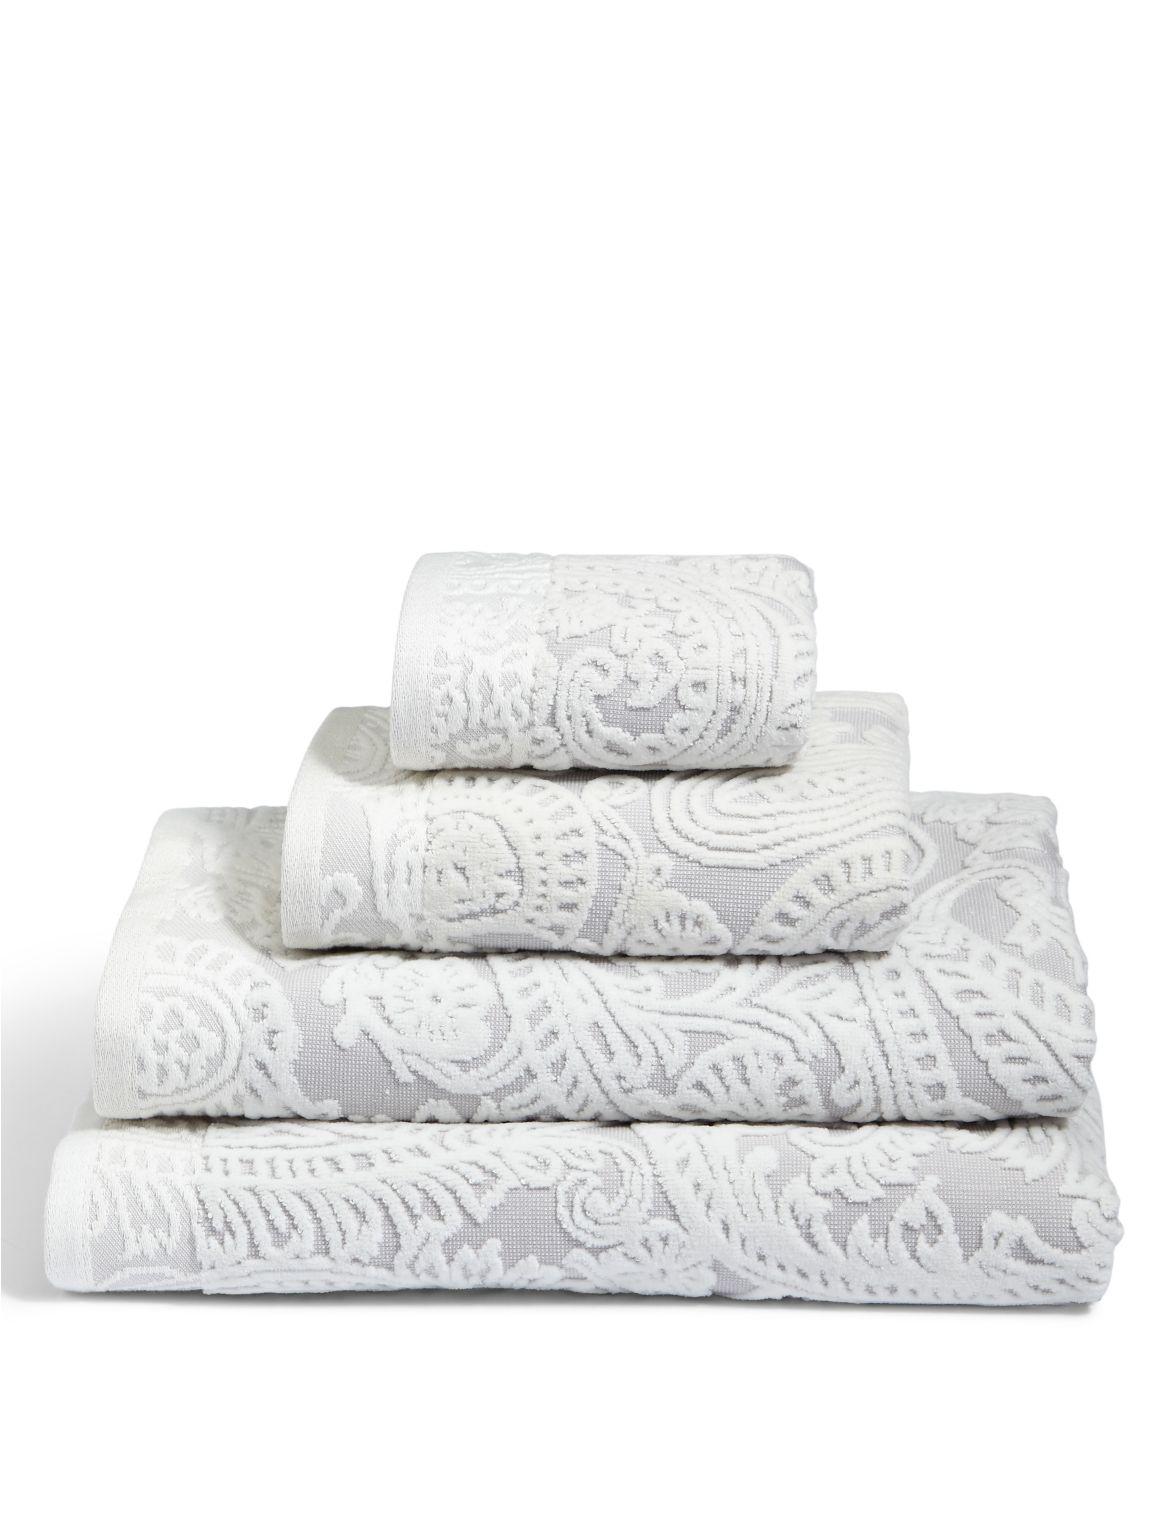 Marks and Spencer - Serviette en coton à motif cachemire en relief